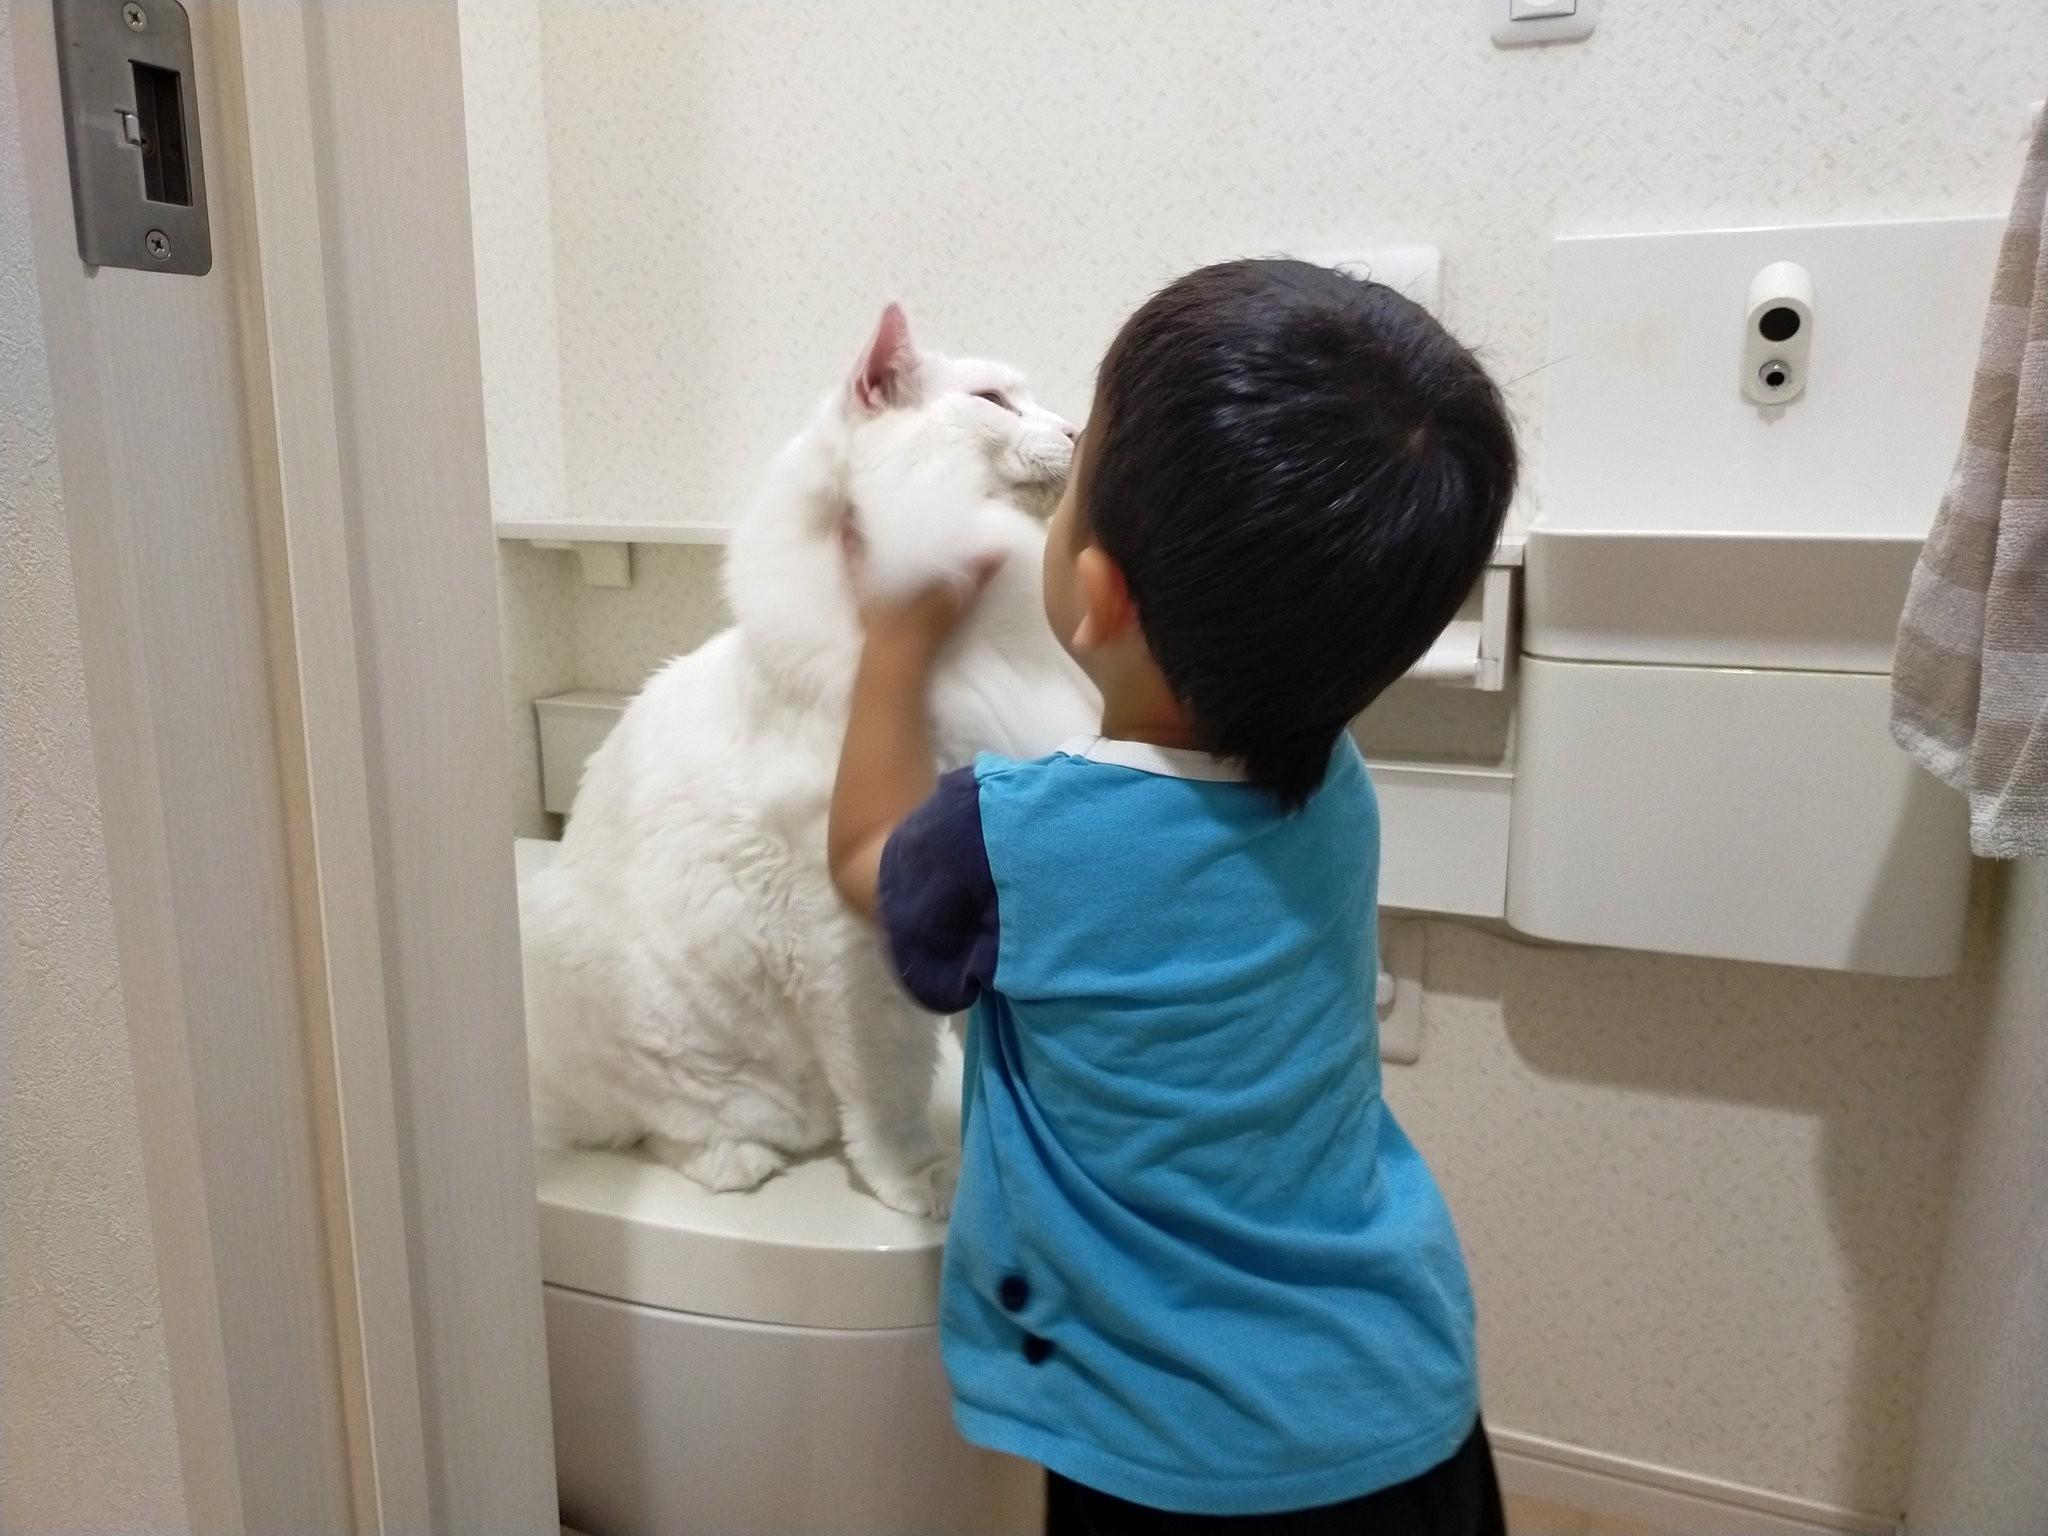 ▲▼貓咪霸占馬桶,害3歲兒子睡前沒辦法上廁所。(圖/翻攝自twitter/@FakeYashu)